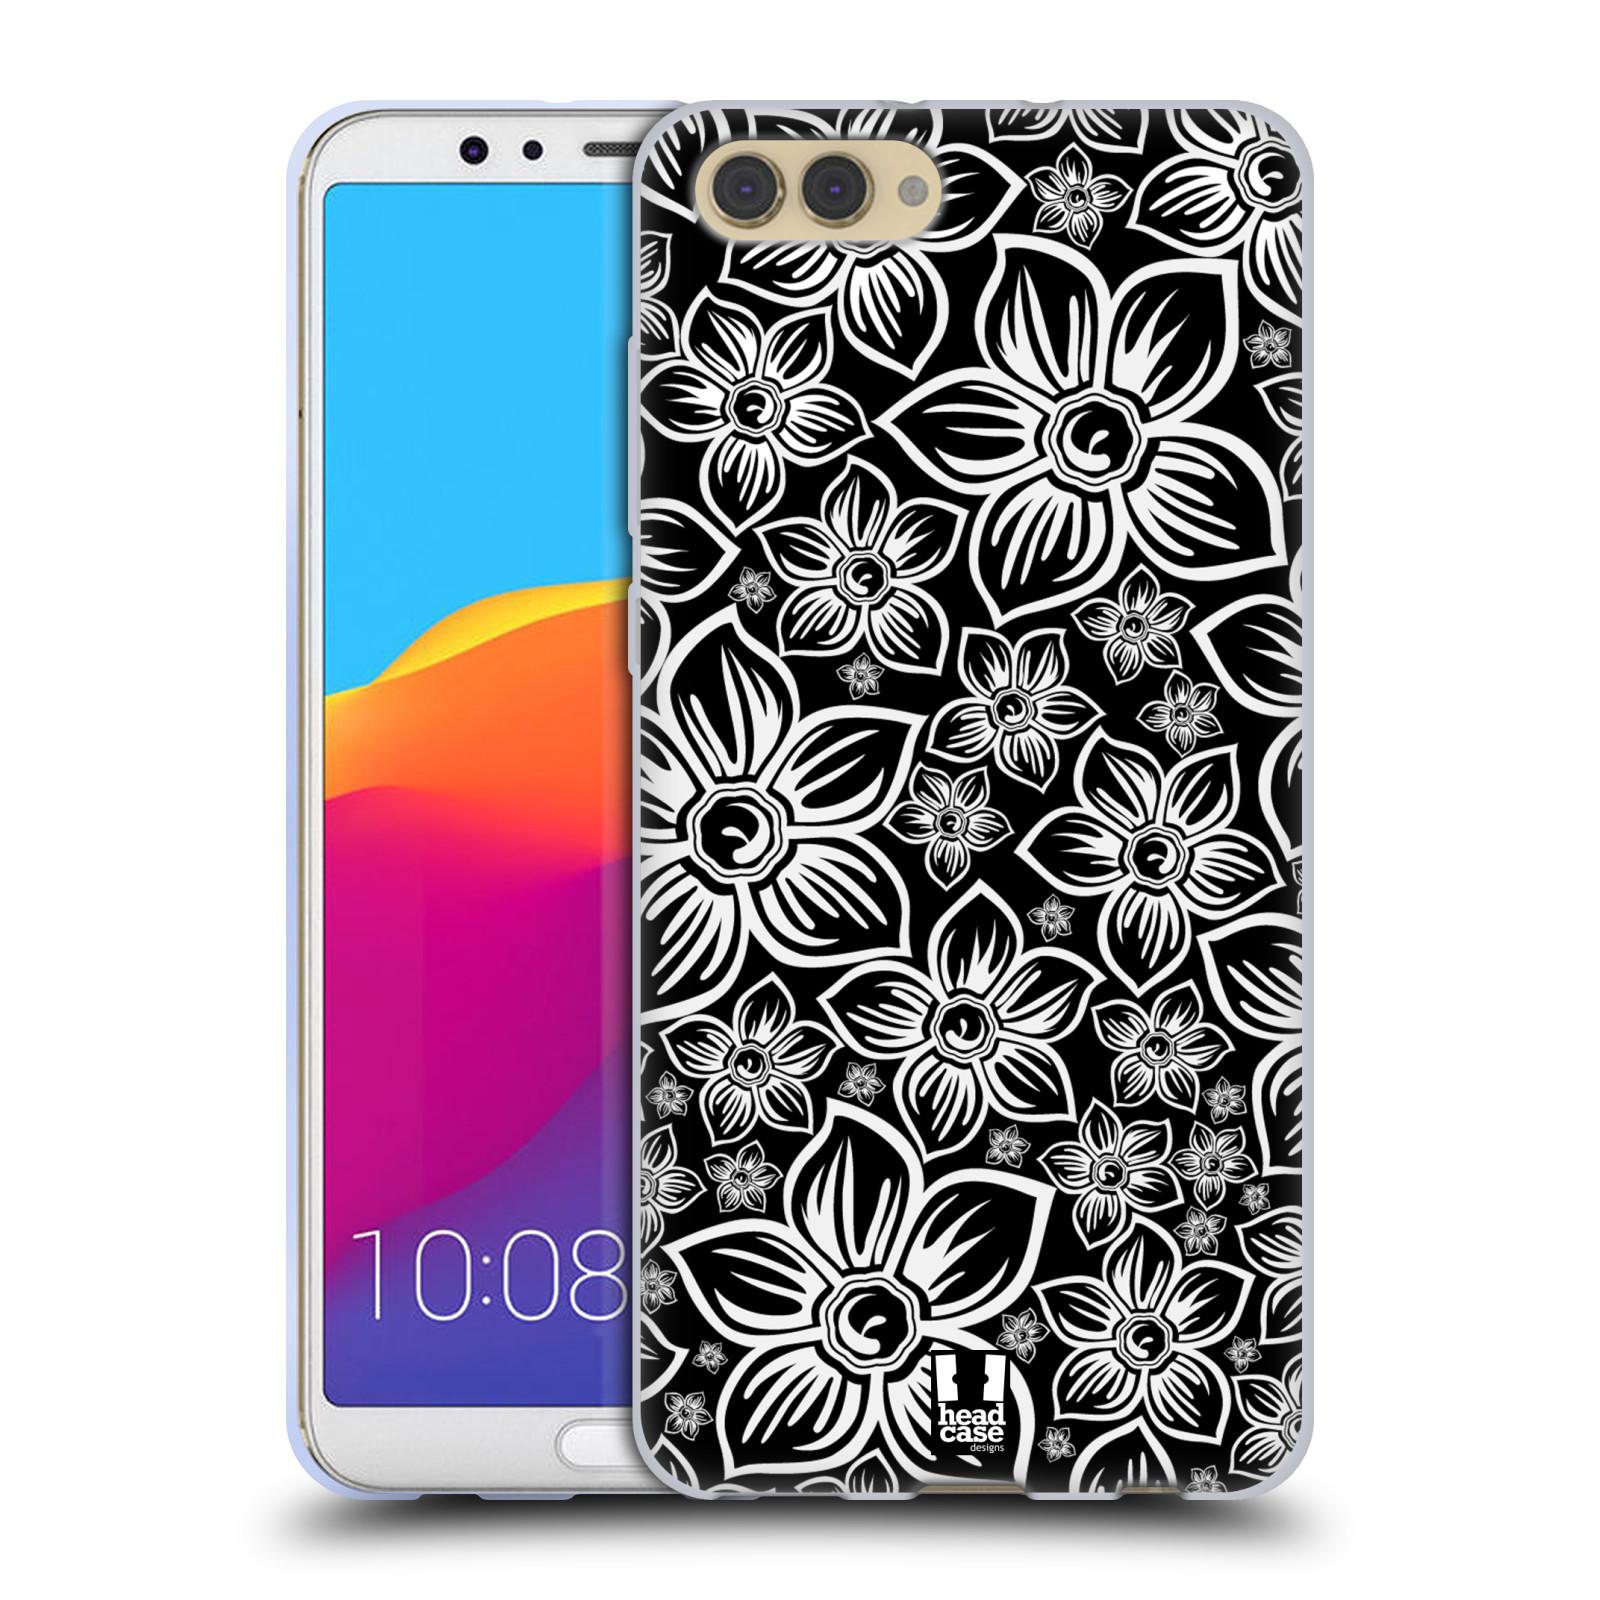 Silikonové pouzdro na mobil Honor View 10 - Head Case - FLORAL DAISY